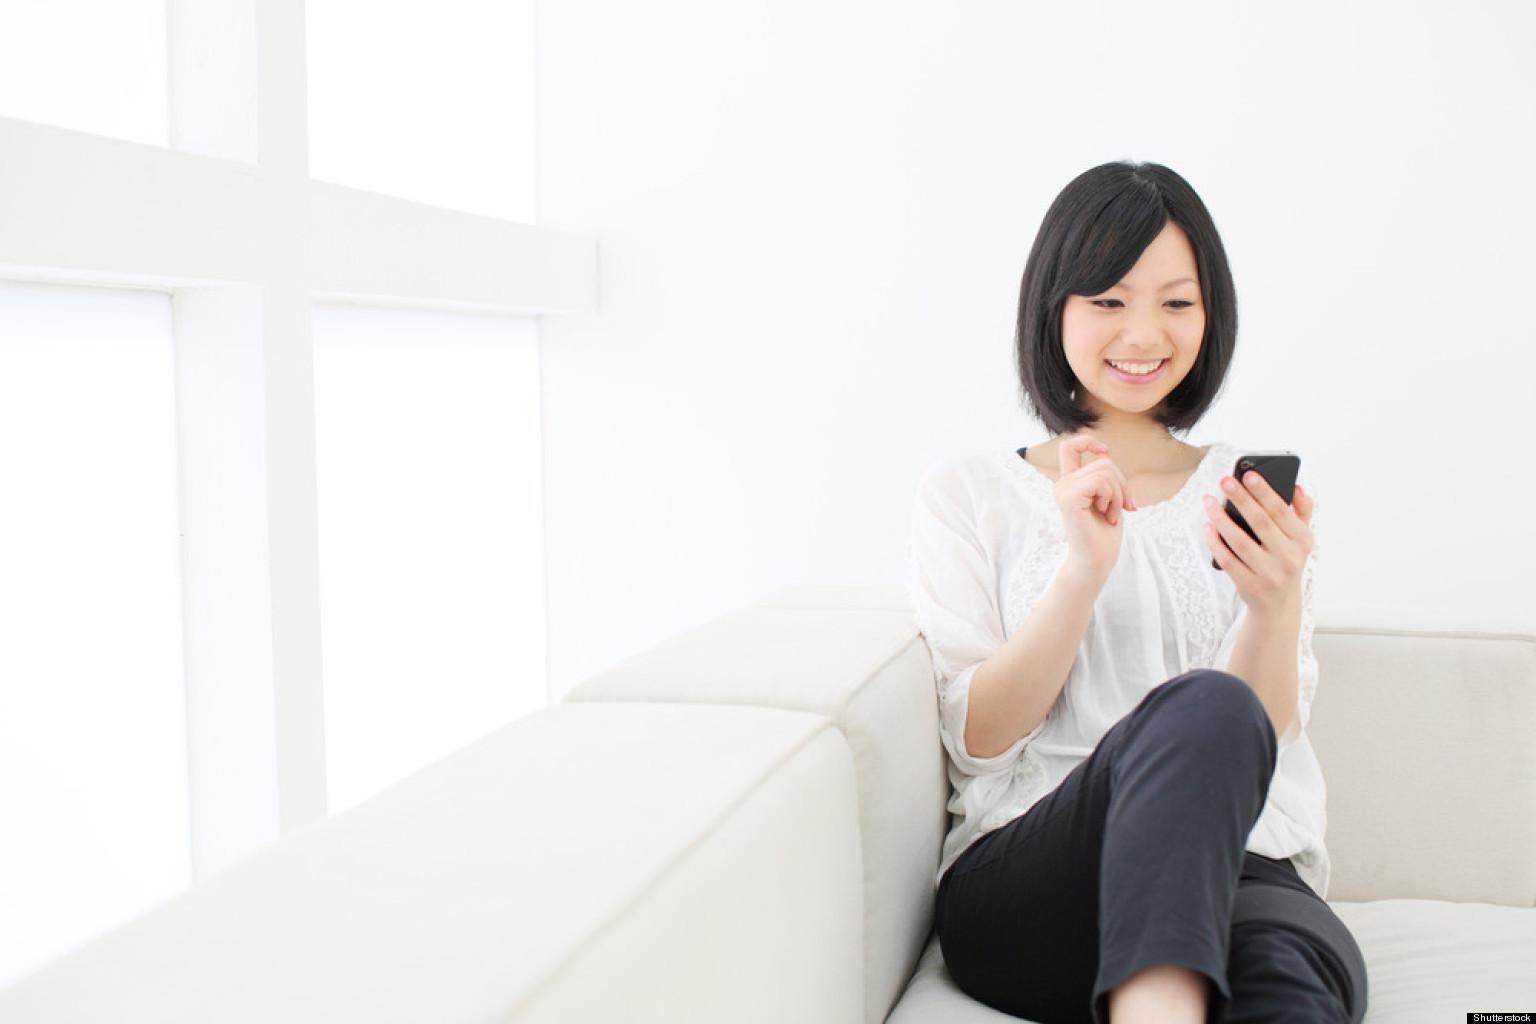 idolviet.com - Những thông tin mới nhất về cách nạp thẻ mạng mobifone online